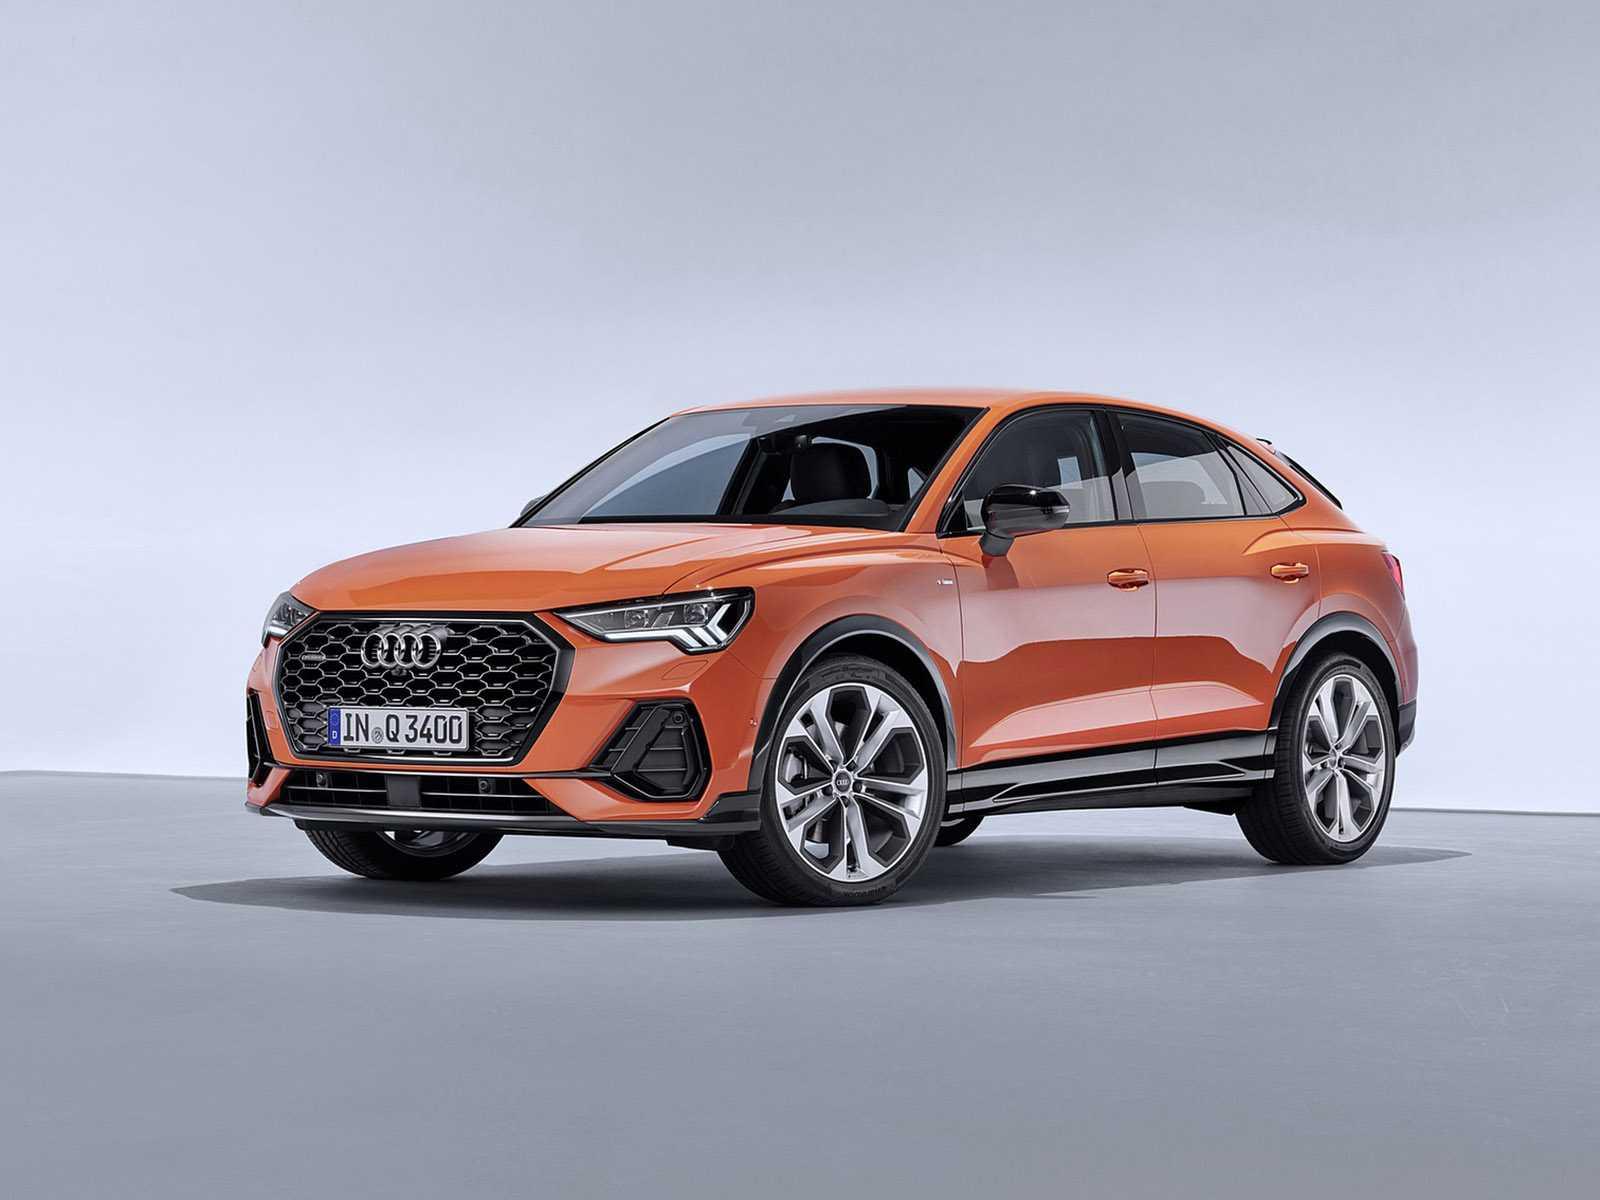 Audi sq2 2019 новая модель, цены, комплектации, фото, видео тест-драйв